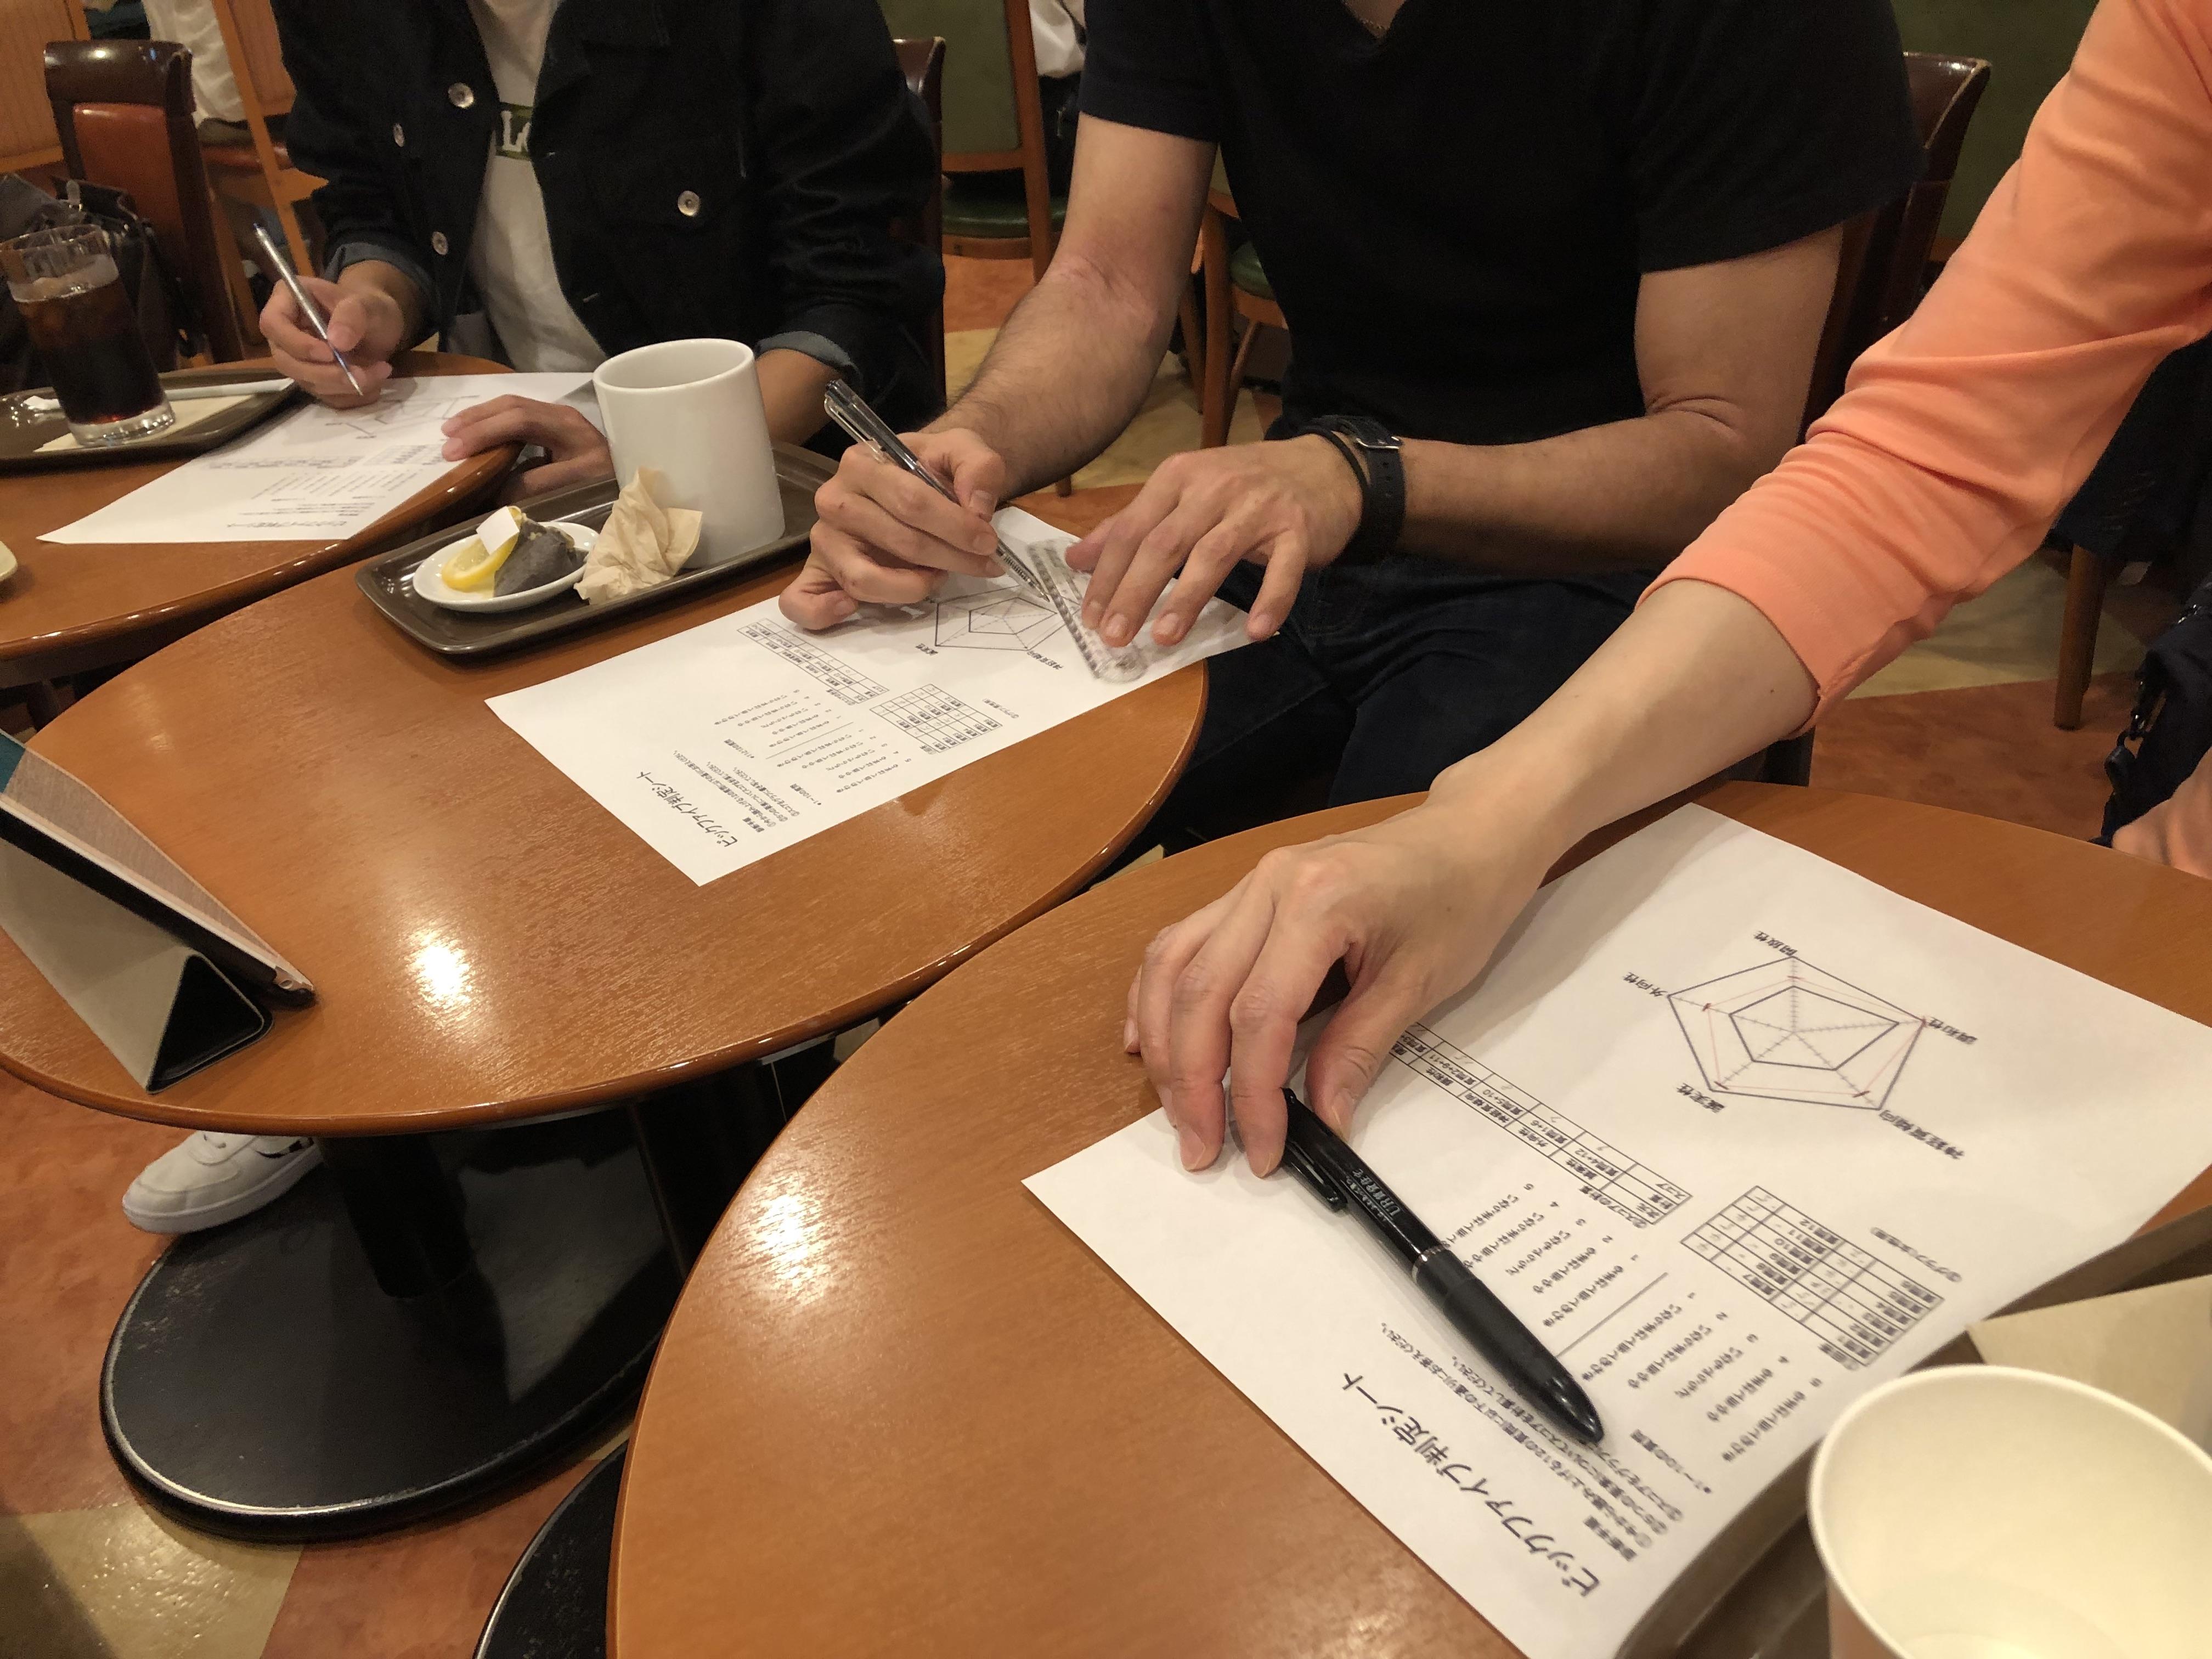 2019年11月9日 第2回目の自己分析セミナー東京